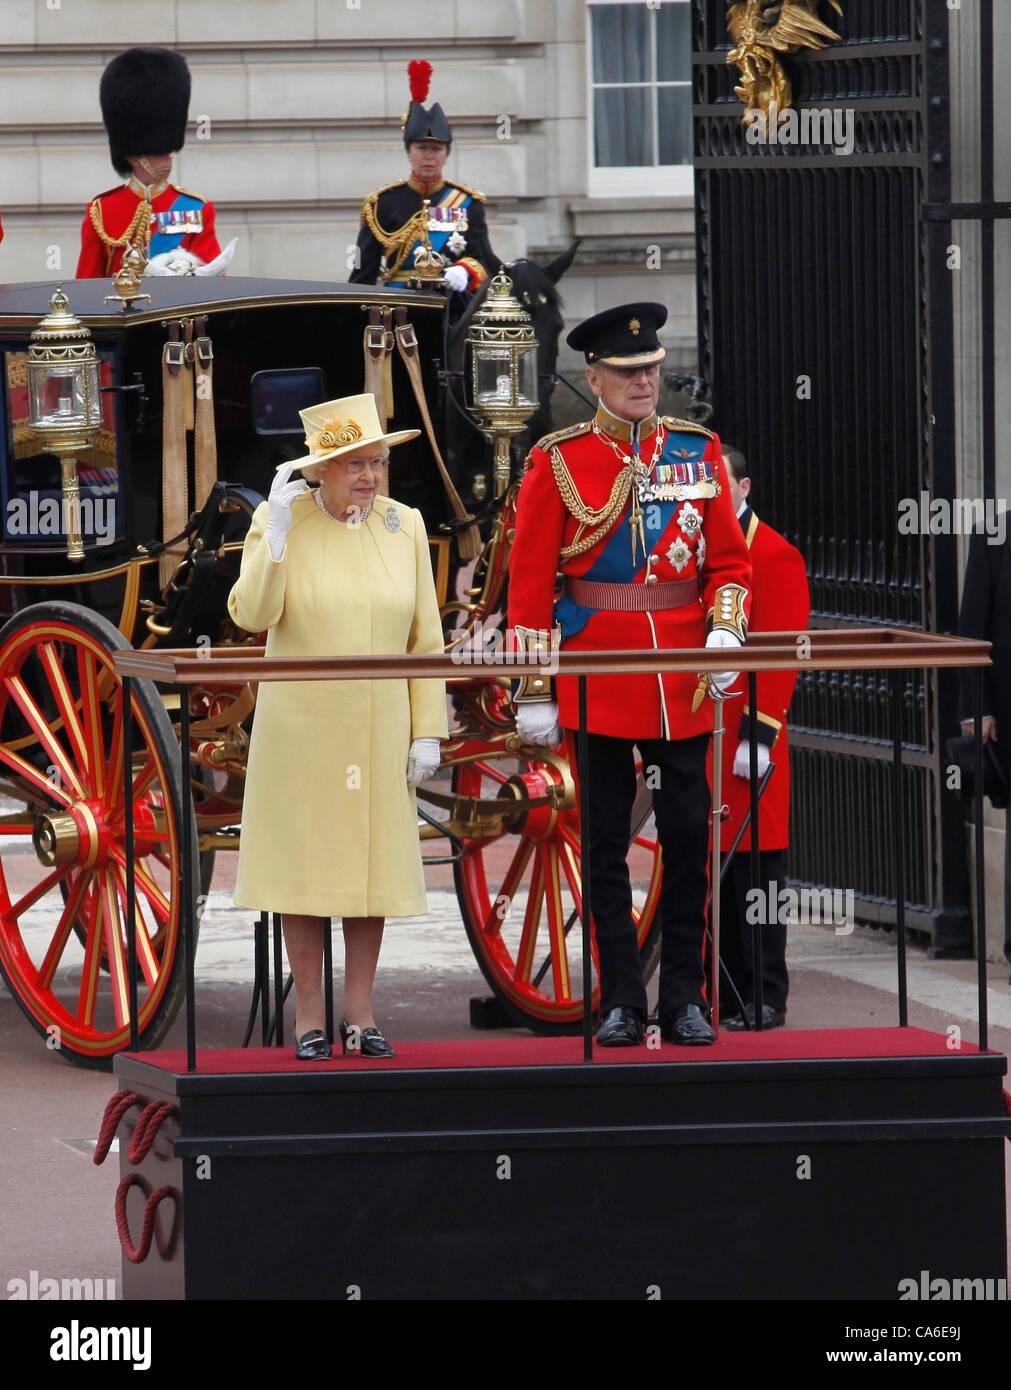 La reina Isabel II y el Príncipe Felipe, Duque de Edimburgo, en el Palacio de Buckingham para el Trooping del Color Ceremonia de junio de 2012 Foto de stock